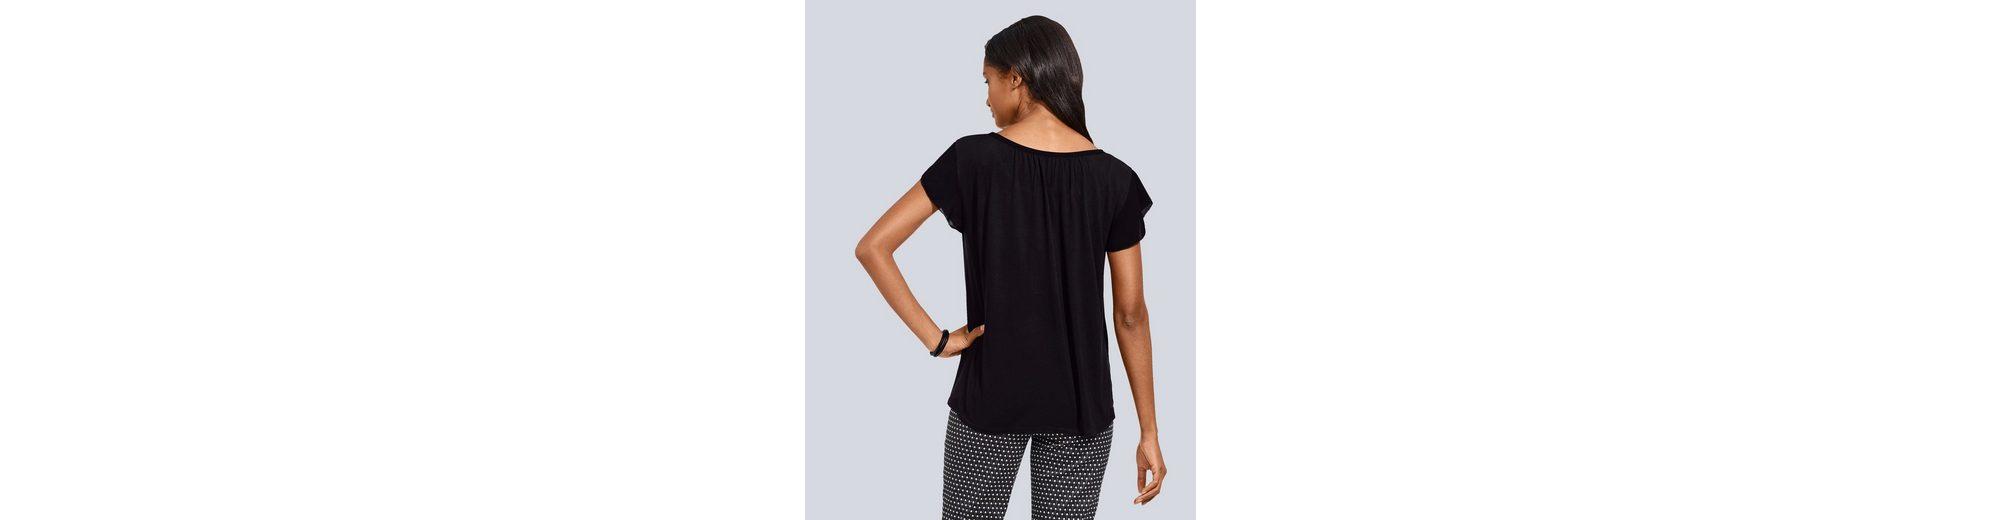 Rabatt Breite Palette Von Outlet-Store Online Alba Moda Shirt mit Serafino-Ausschnitt T4THNaaALx